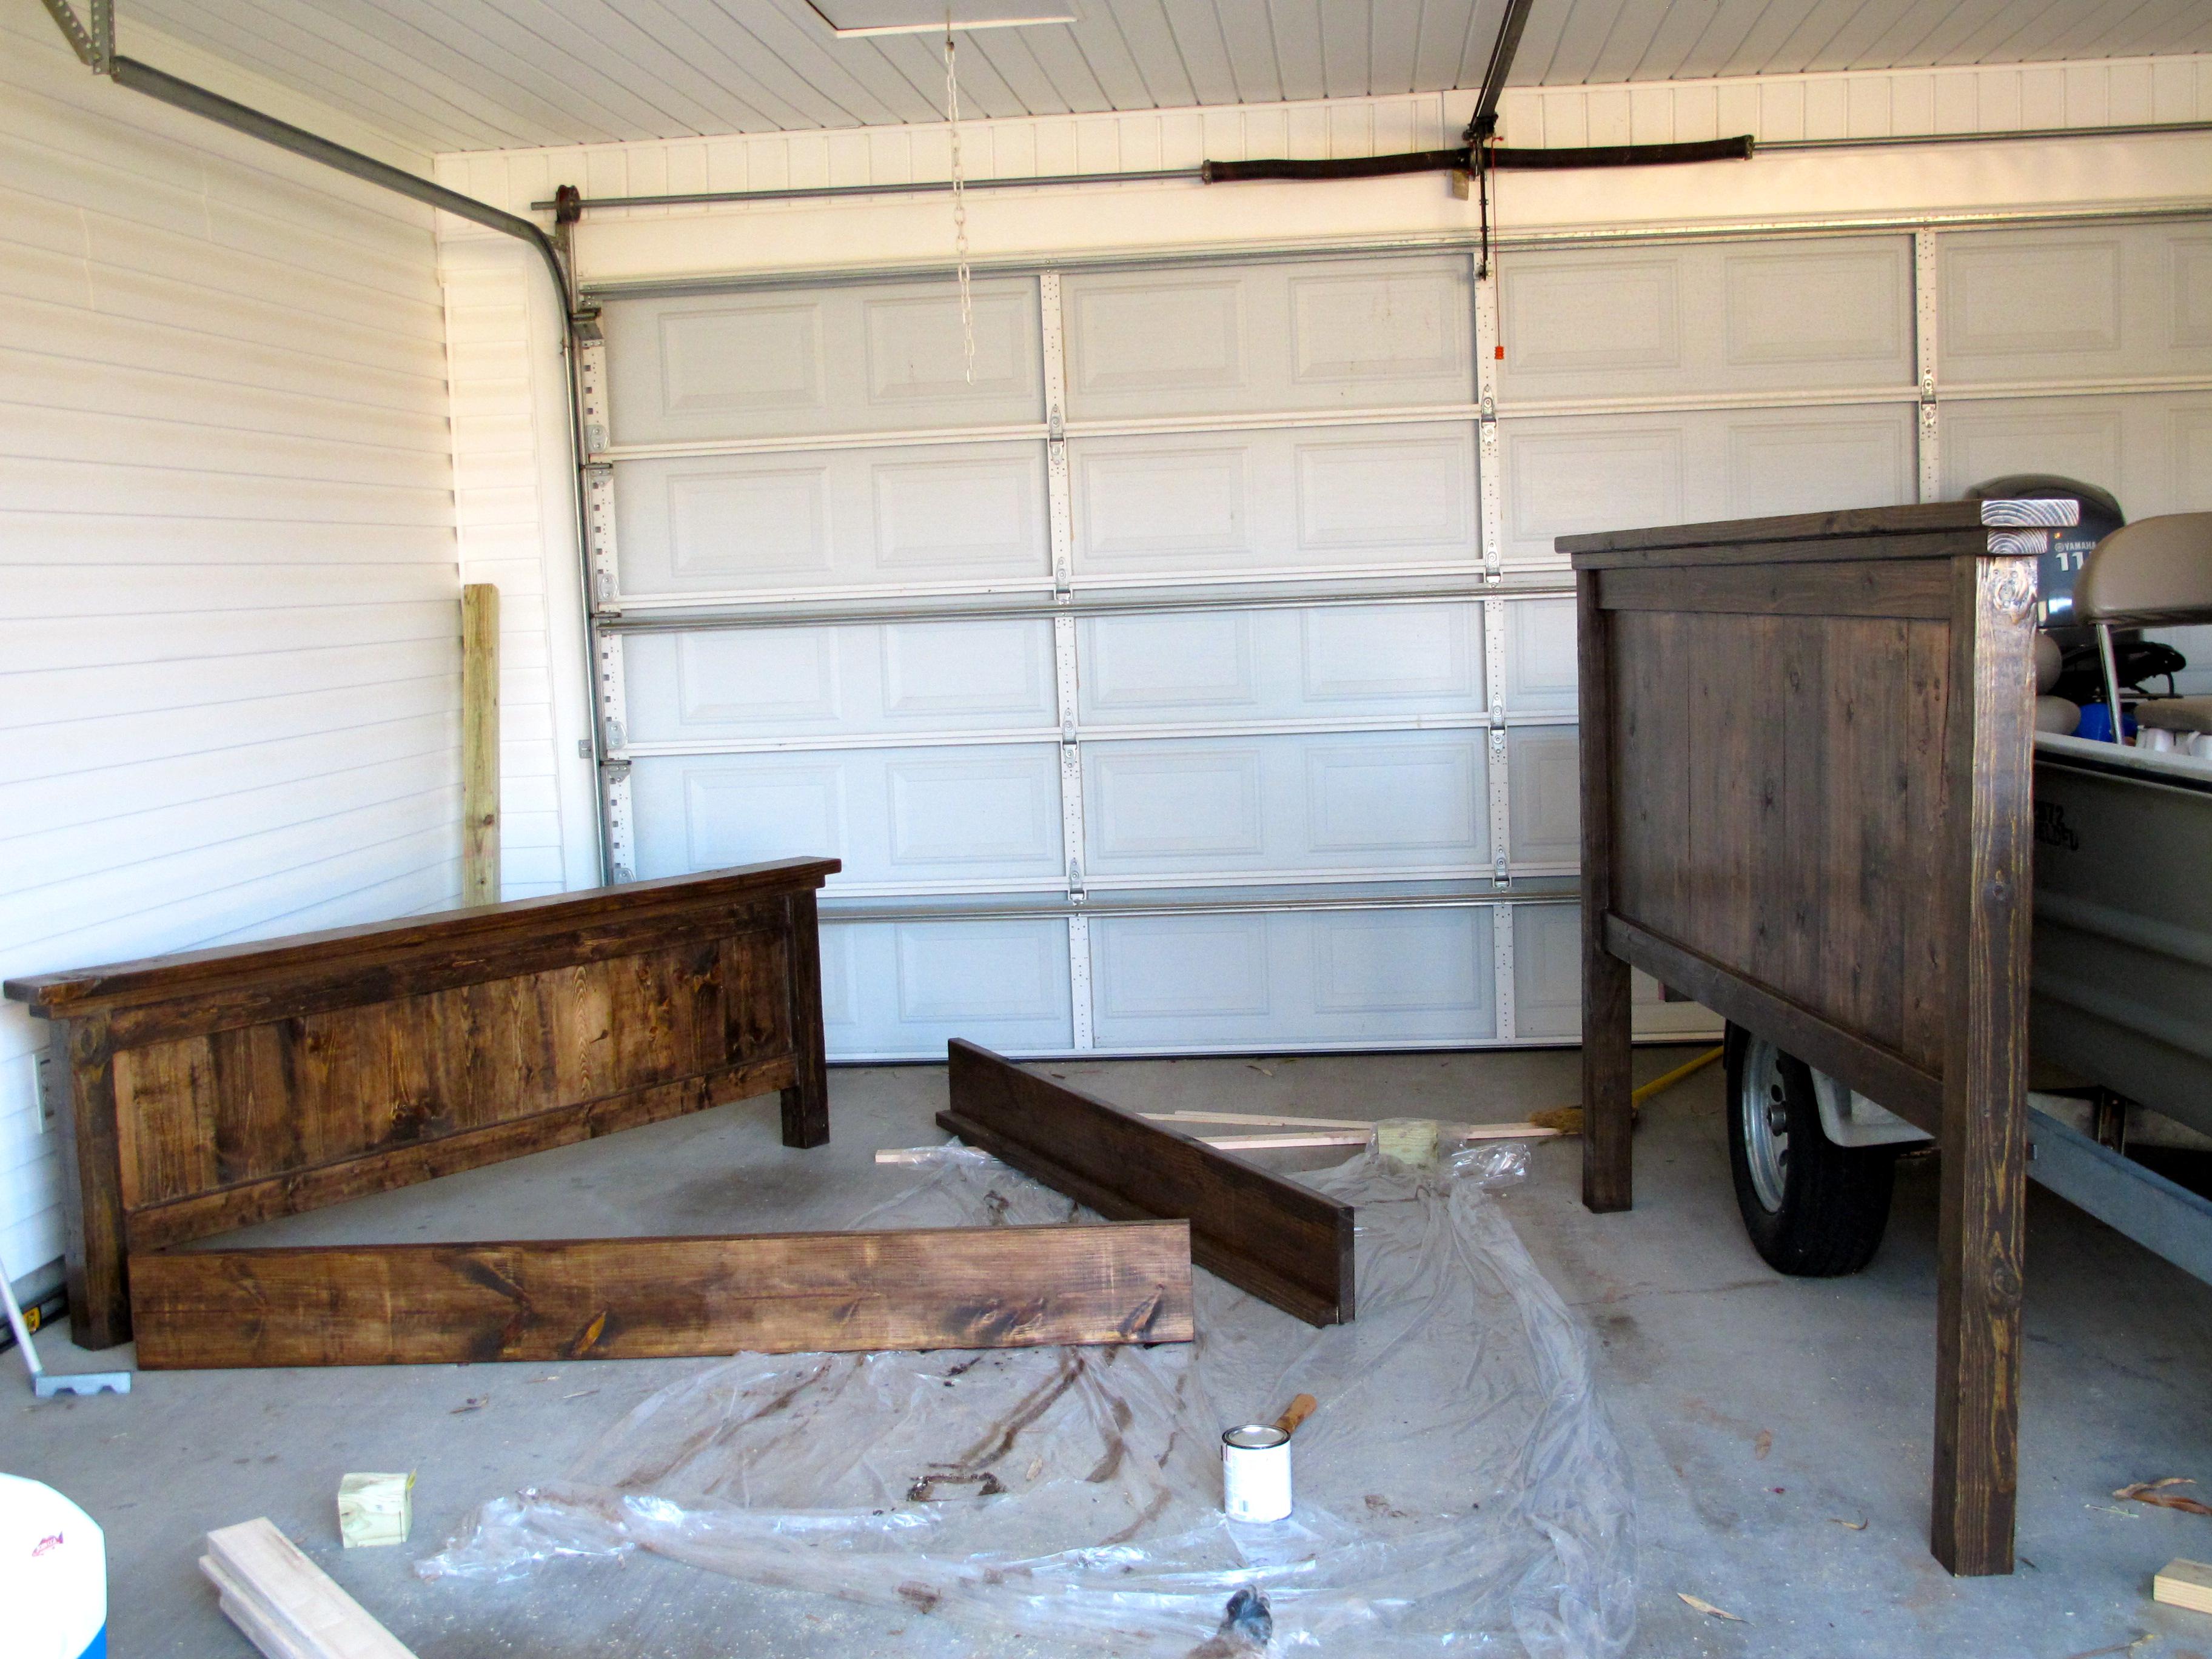 Diy Pottery Barn Farmhouse Bed Diystinctly Made